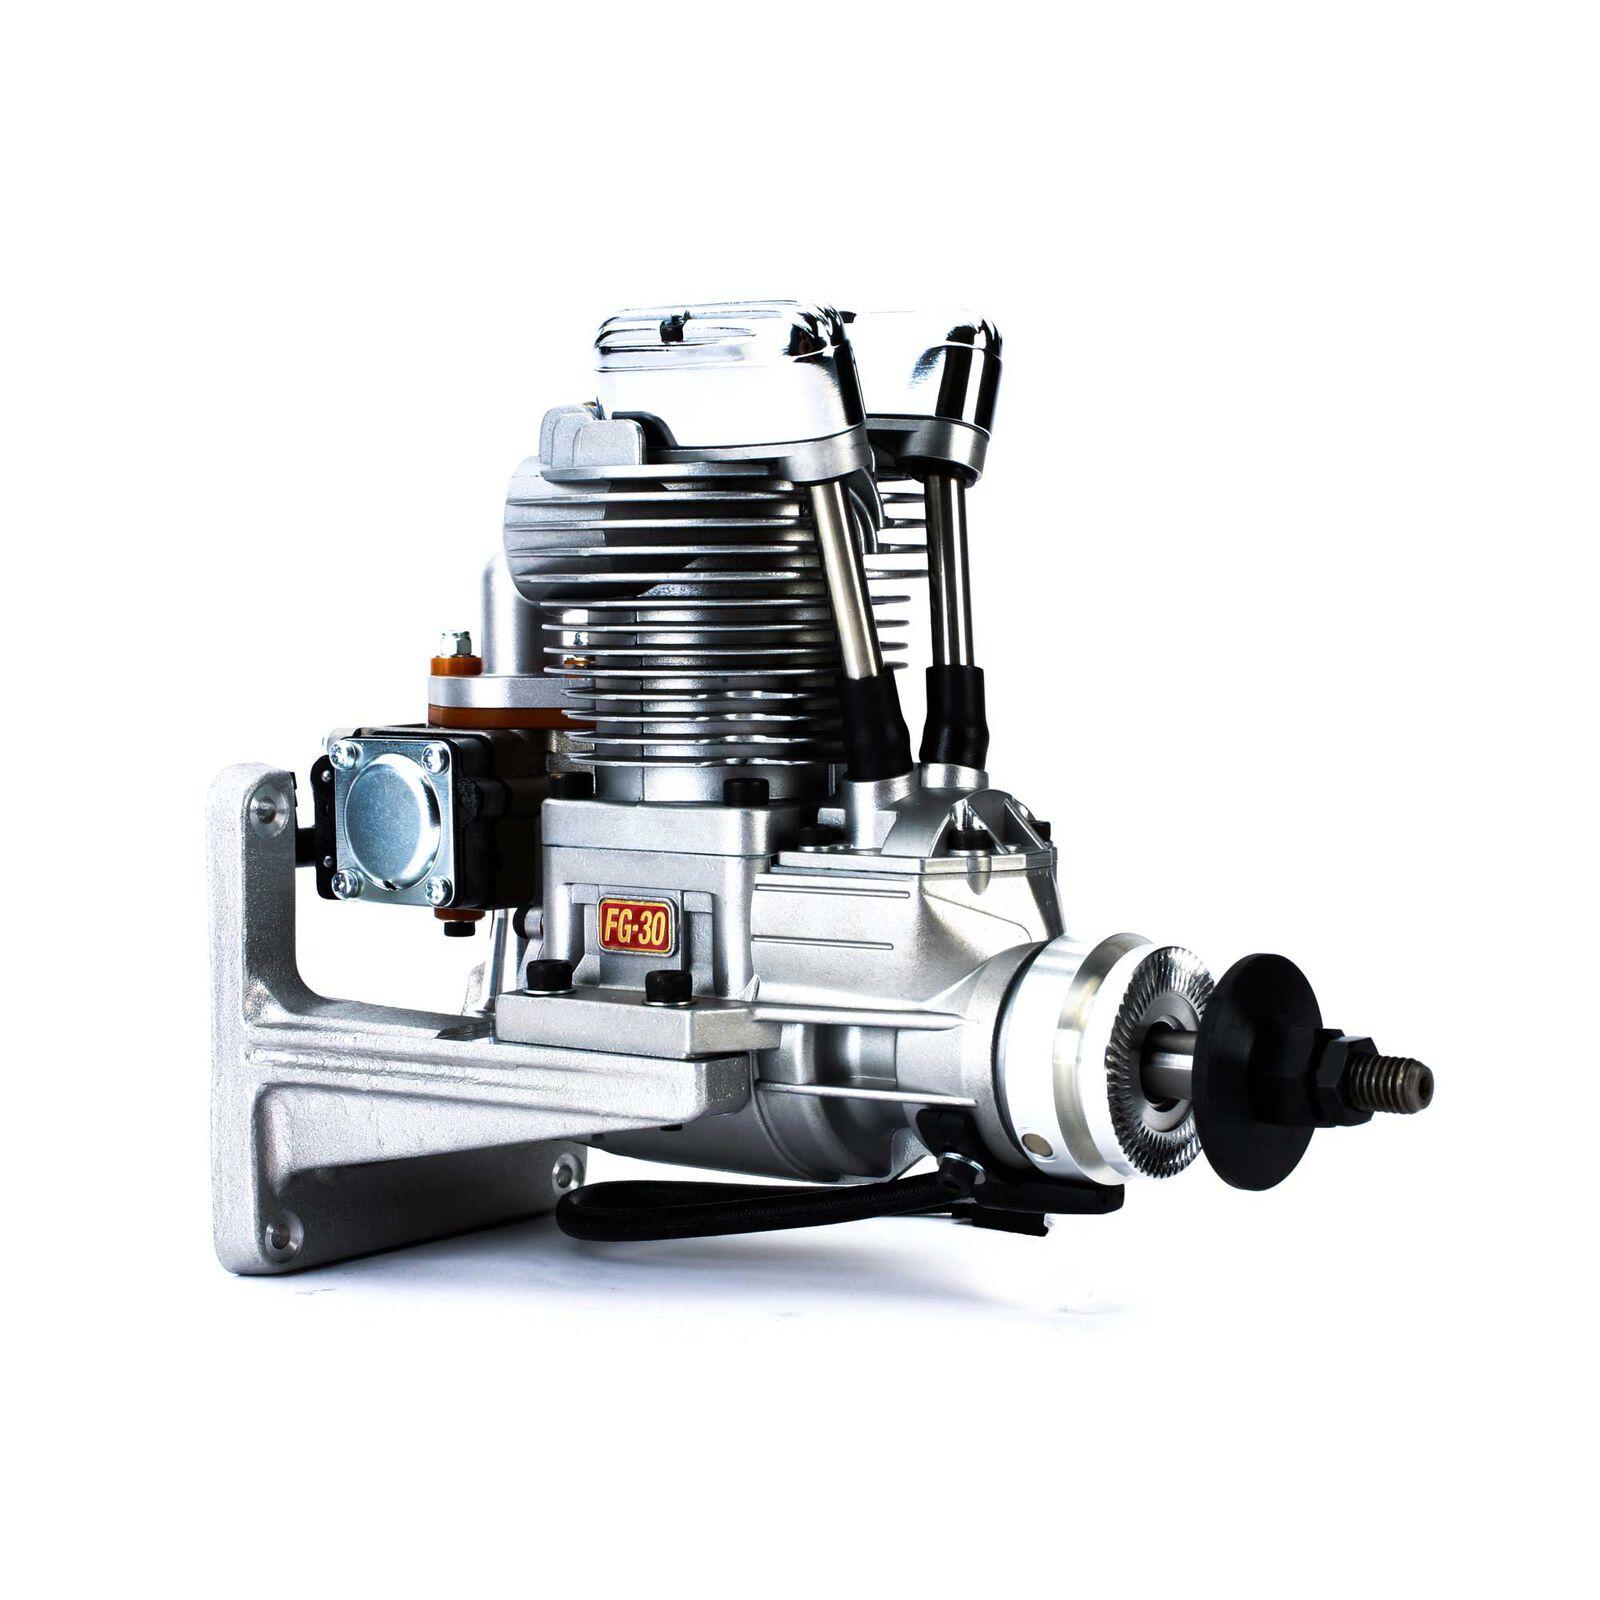 FG-30B (180) 4-Stroke Gas Engine: BO